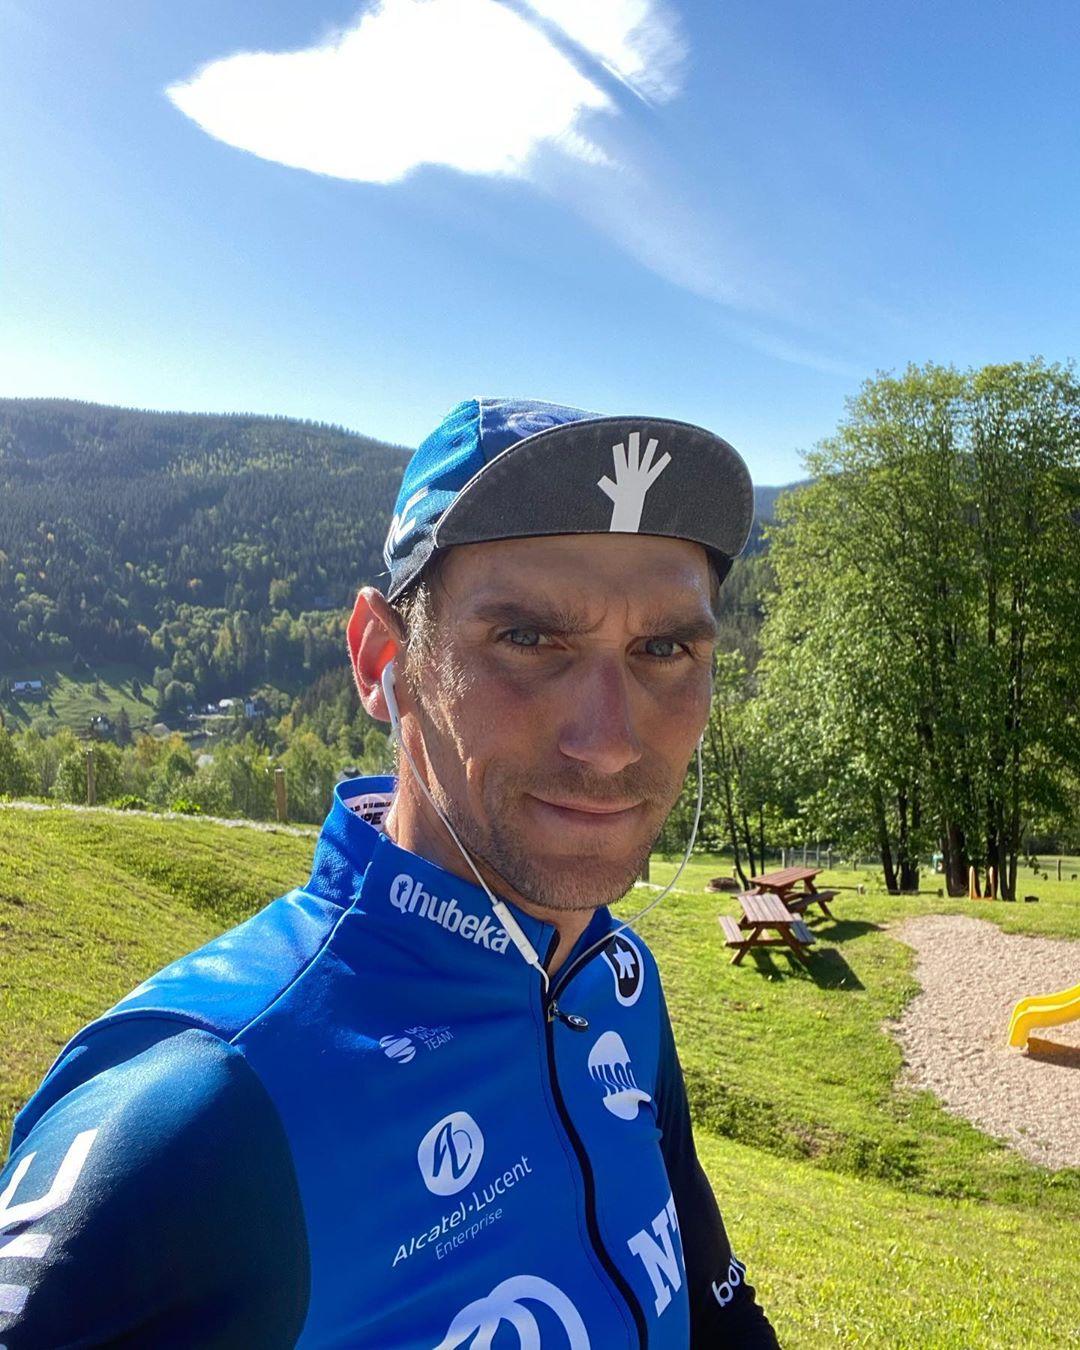 Roman Kreuziger z týmu NTT Pro Cycling je mezi přihlášenými na Krakonošův cyklomaraton. Foto: instagram R. Kreuzigera